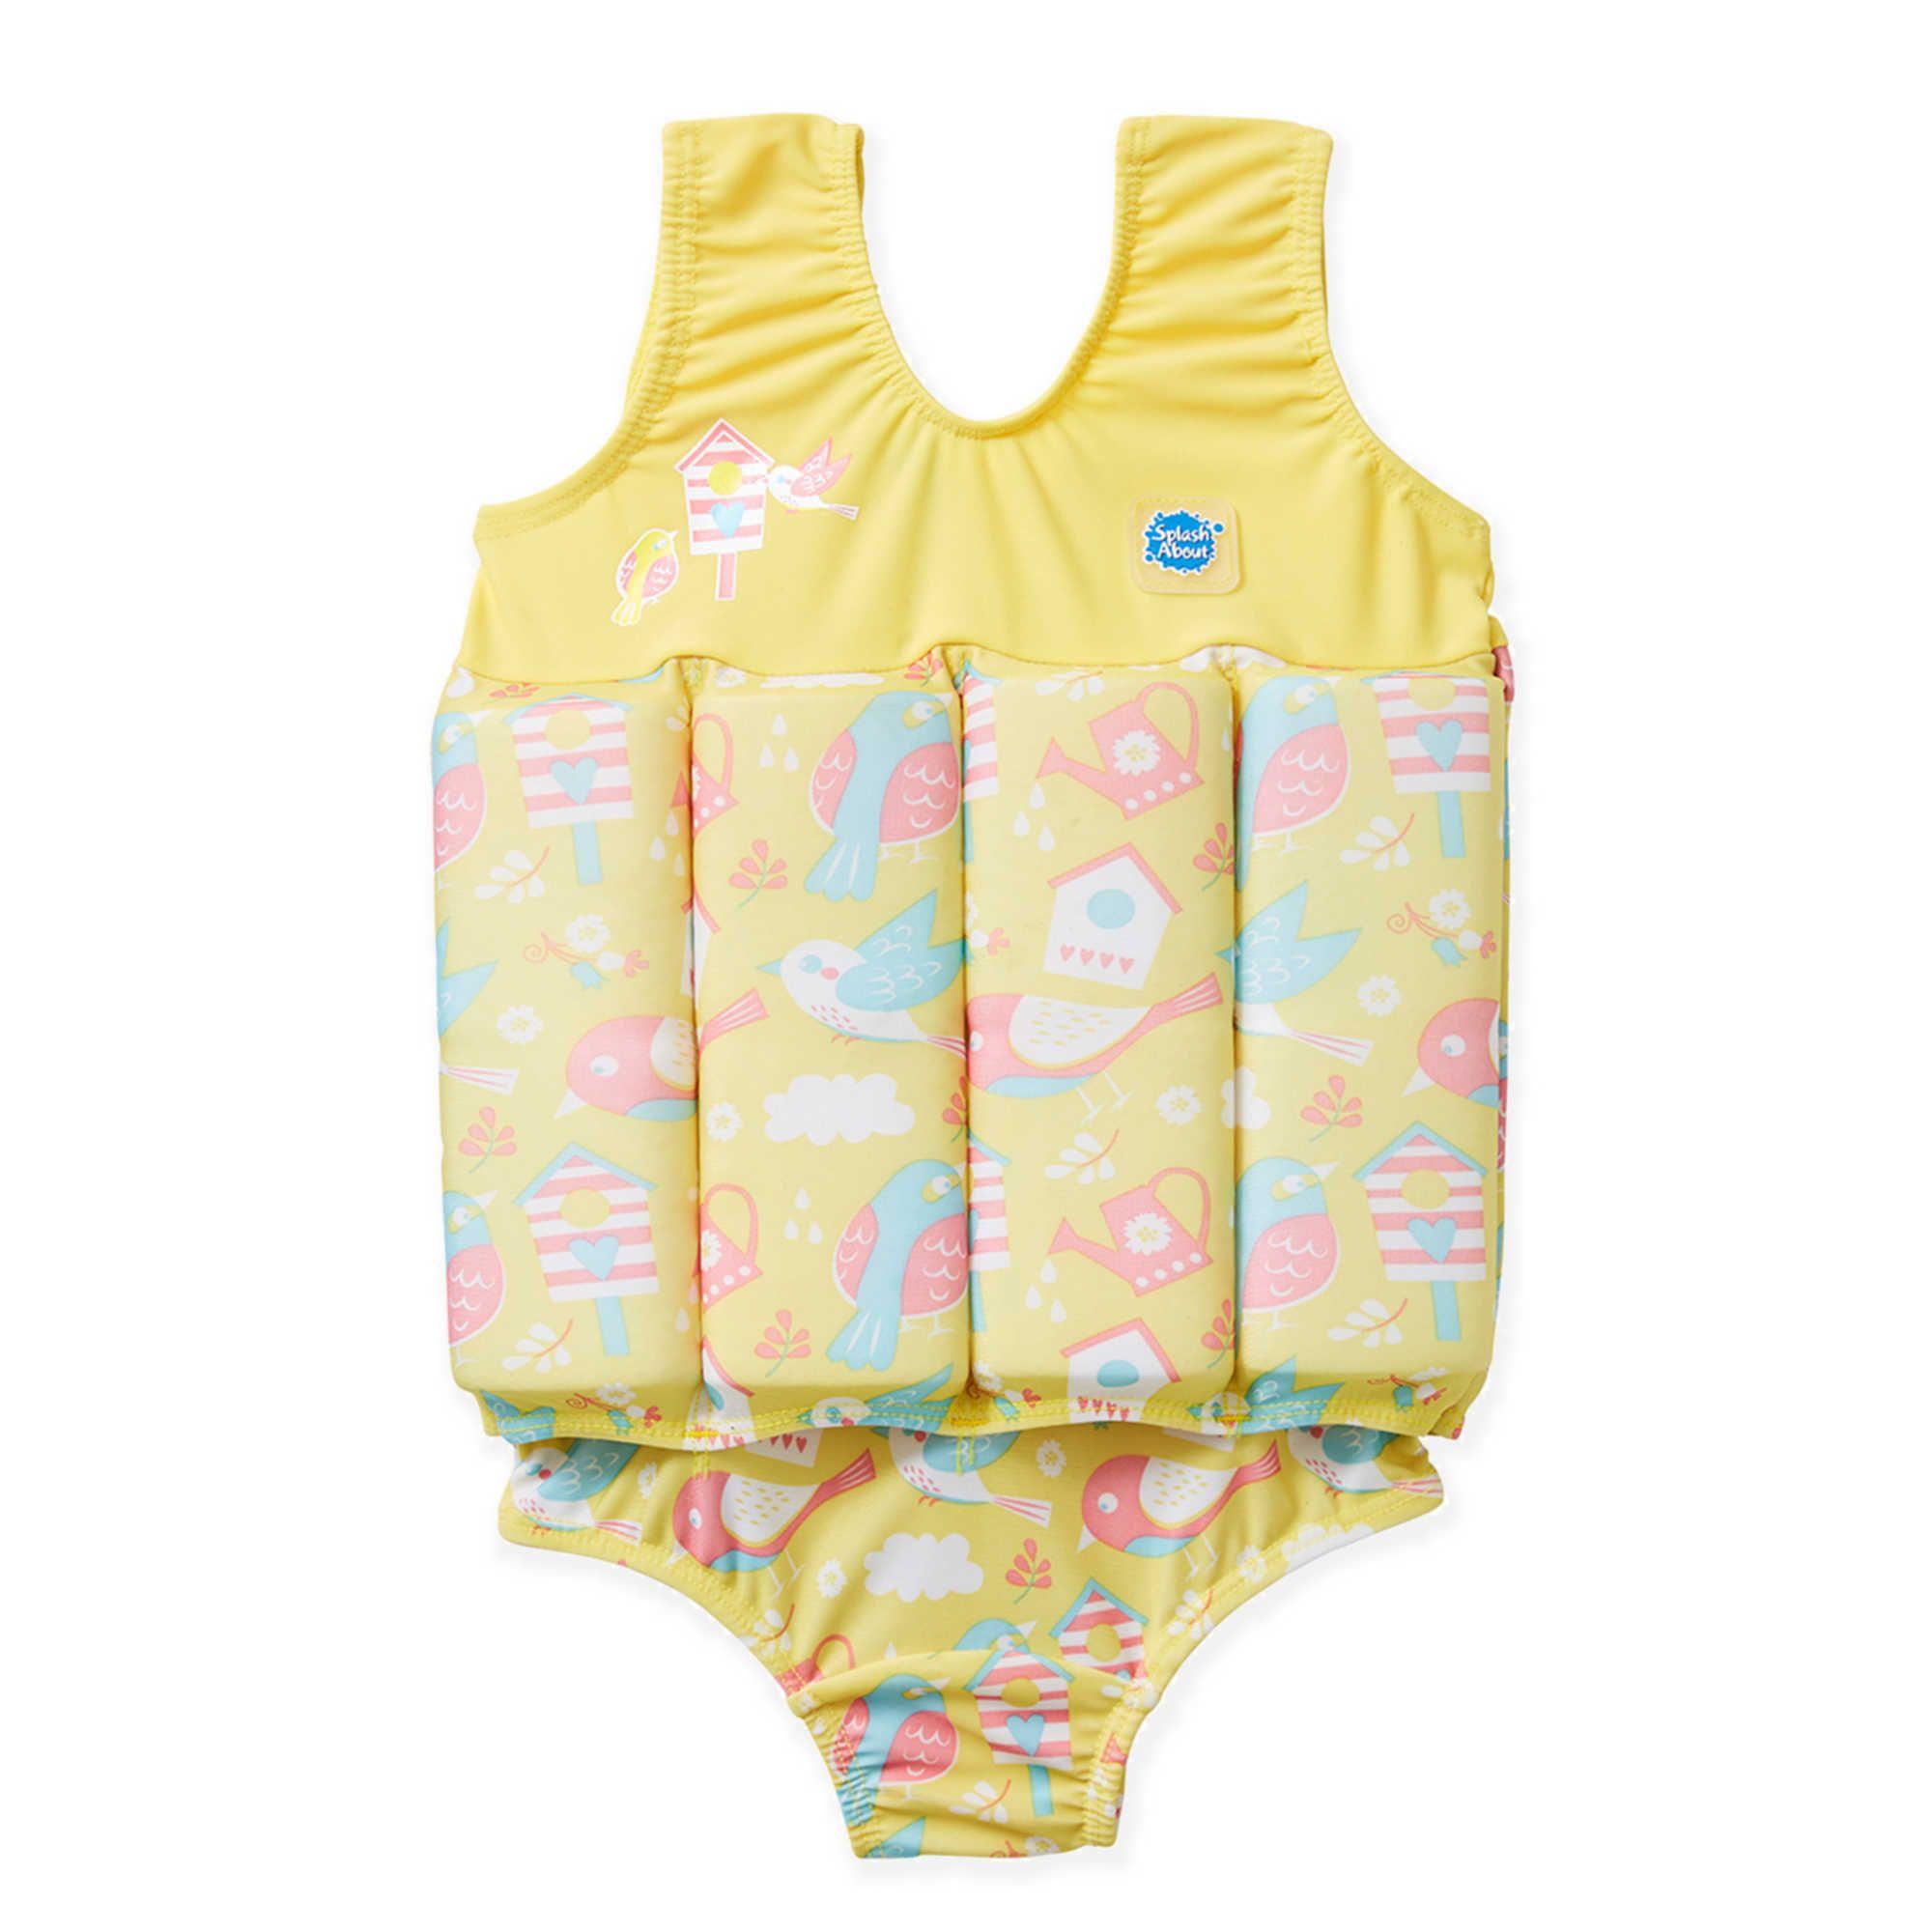 CATSDER Christmas Tree Children Boxer Briefs Mens Underwear Pack Seamless Comfort Soft